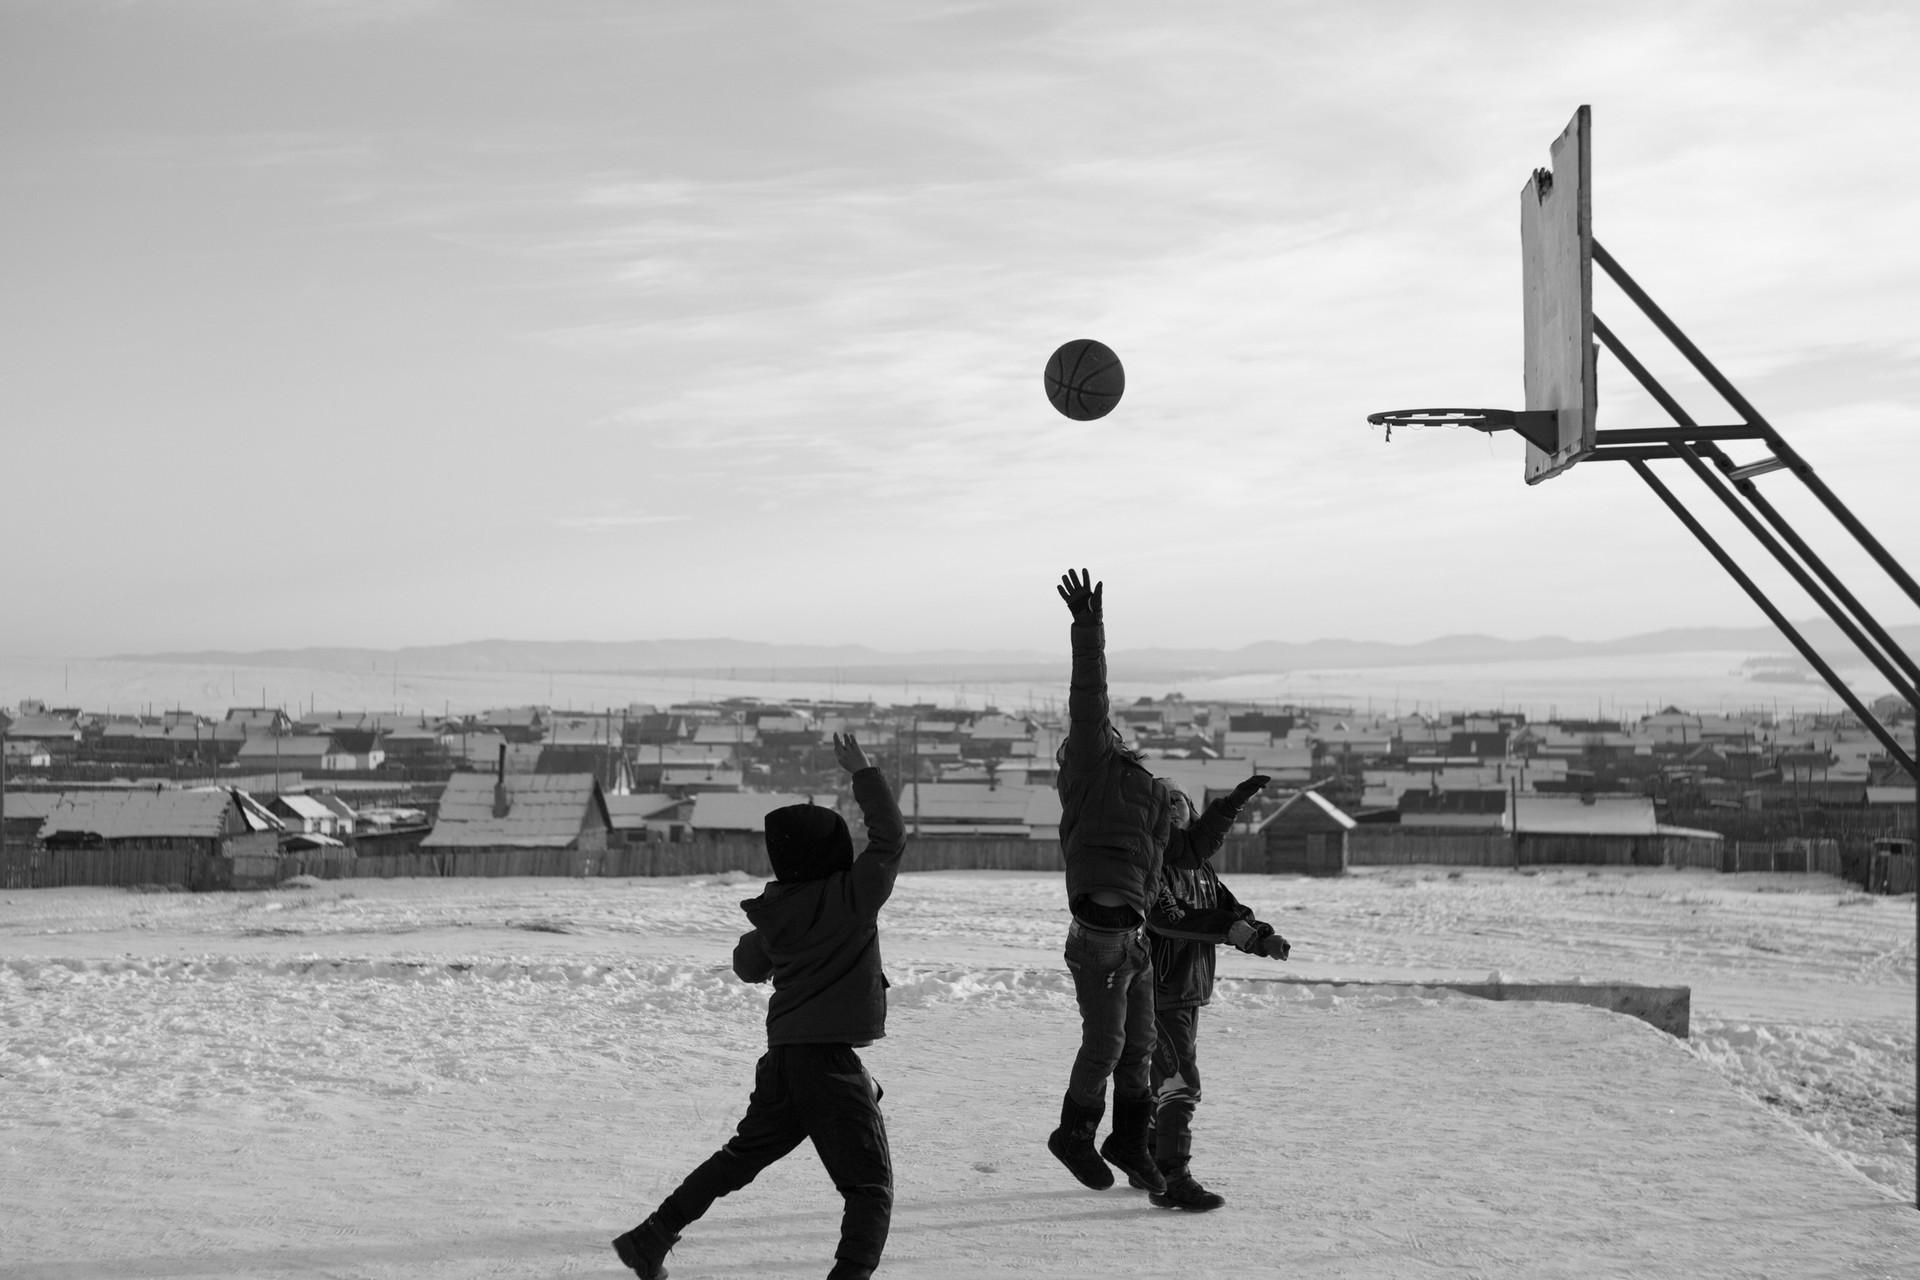 Село на руско-монголској граници. Деца играју кошарку на - 30 степени Целзијусових.